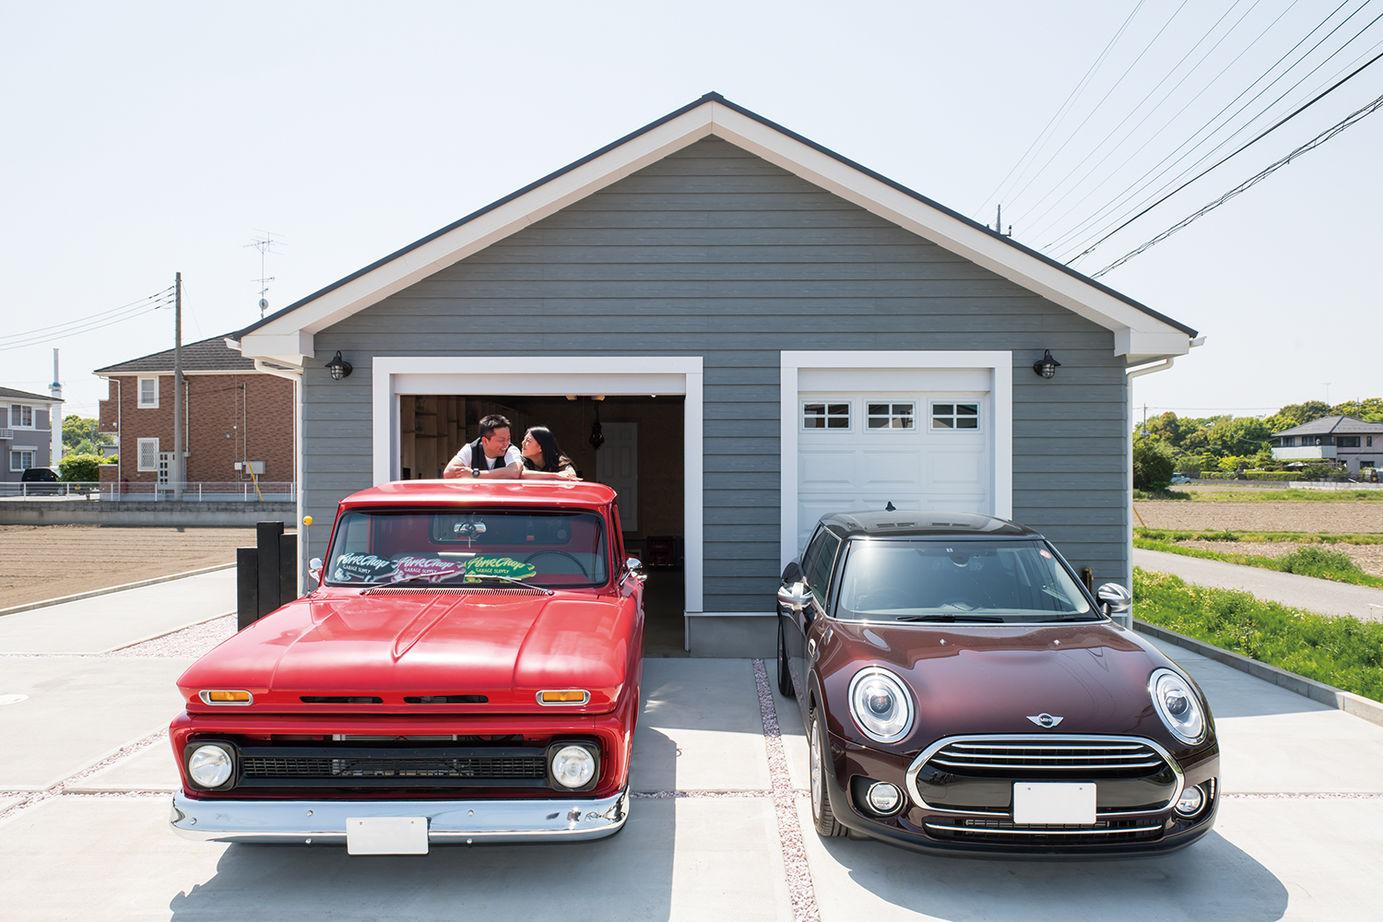 【2613万円】夢とこだわりがたっぷり!ビルトインガレージを楽しむ、ロフト付き平屋アメリカンハウス画像2